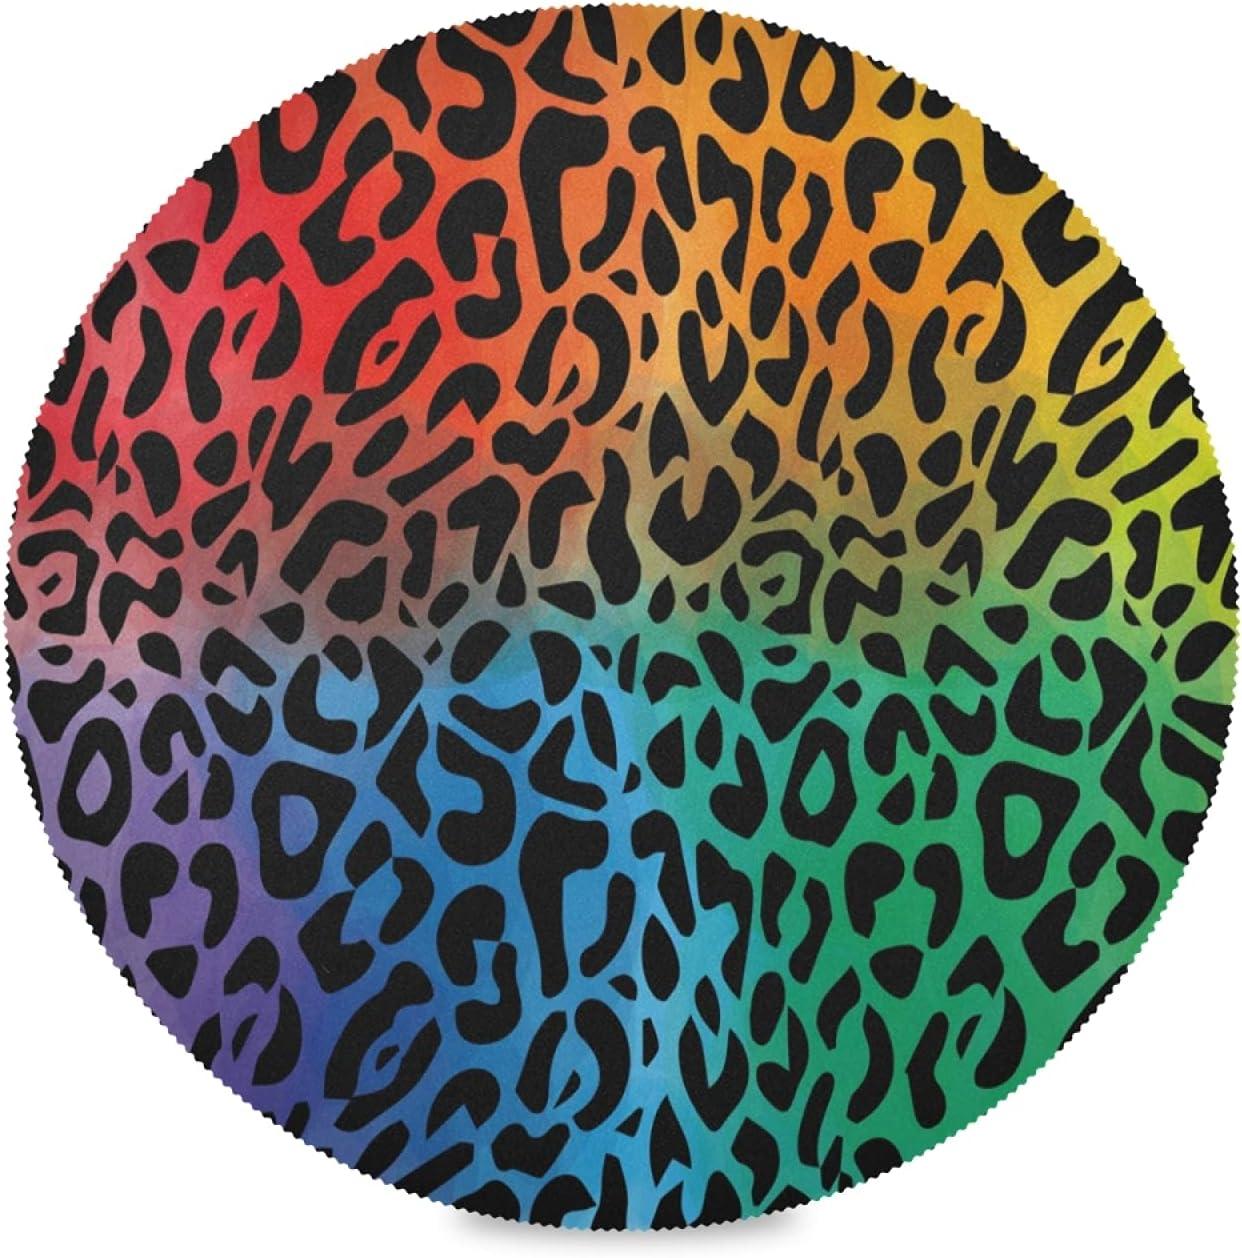 Arte Lunares Leopardo Piel Animal Juego de 1/4/6 Manteles Individuales Redondos Lavables, 39cm Antideslizante Resistente al Calor para Mesa de Comedor Cocina